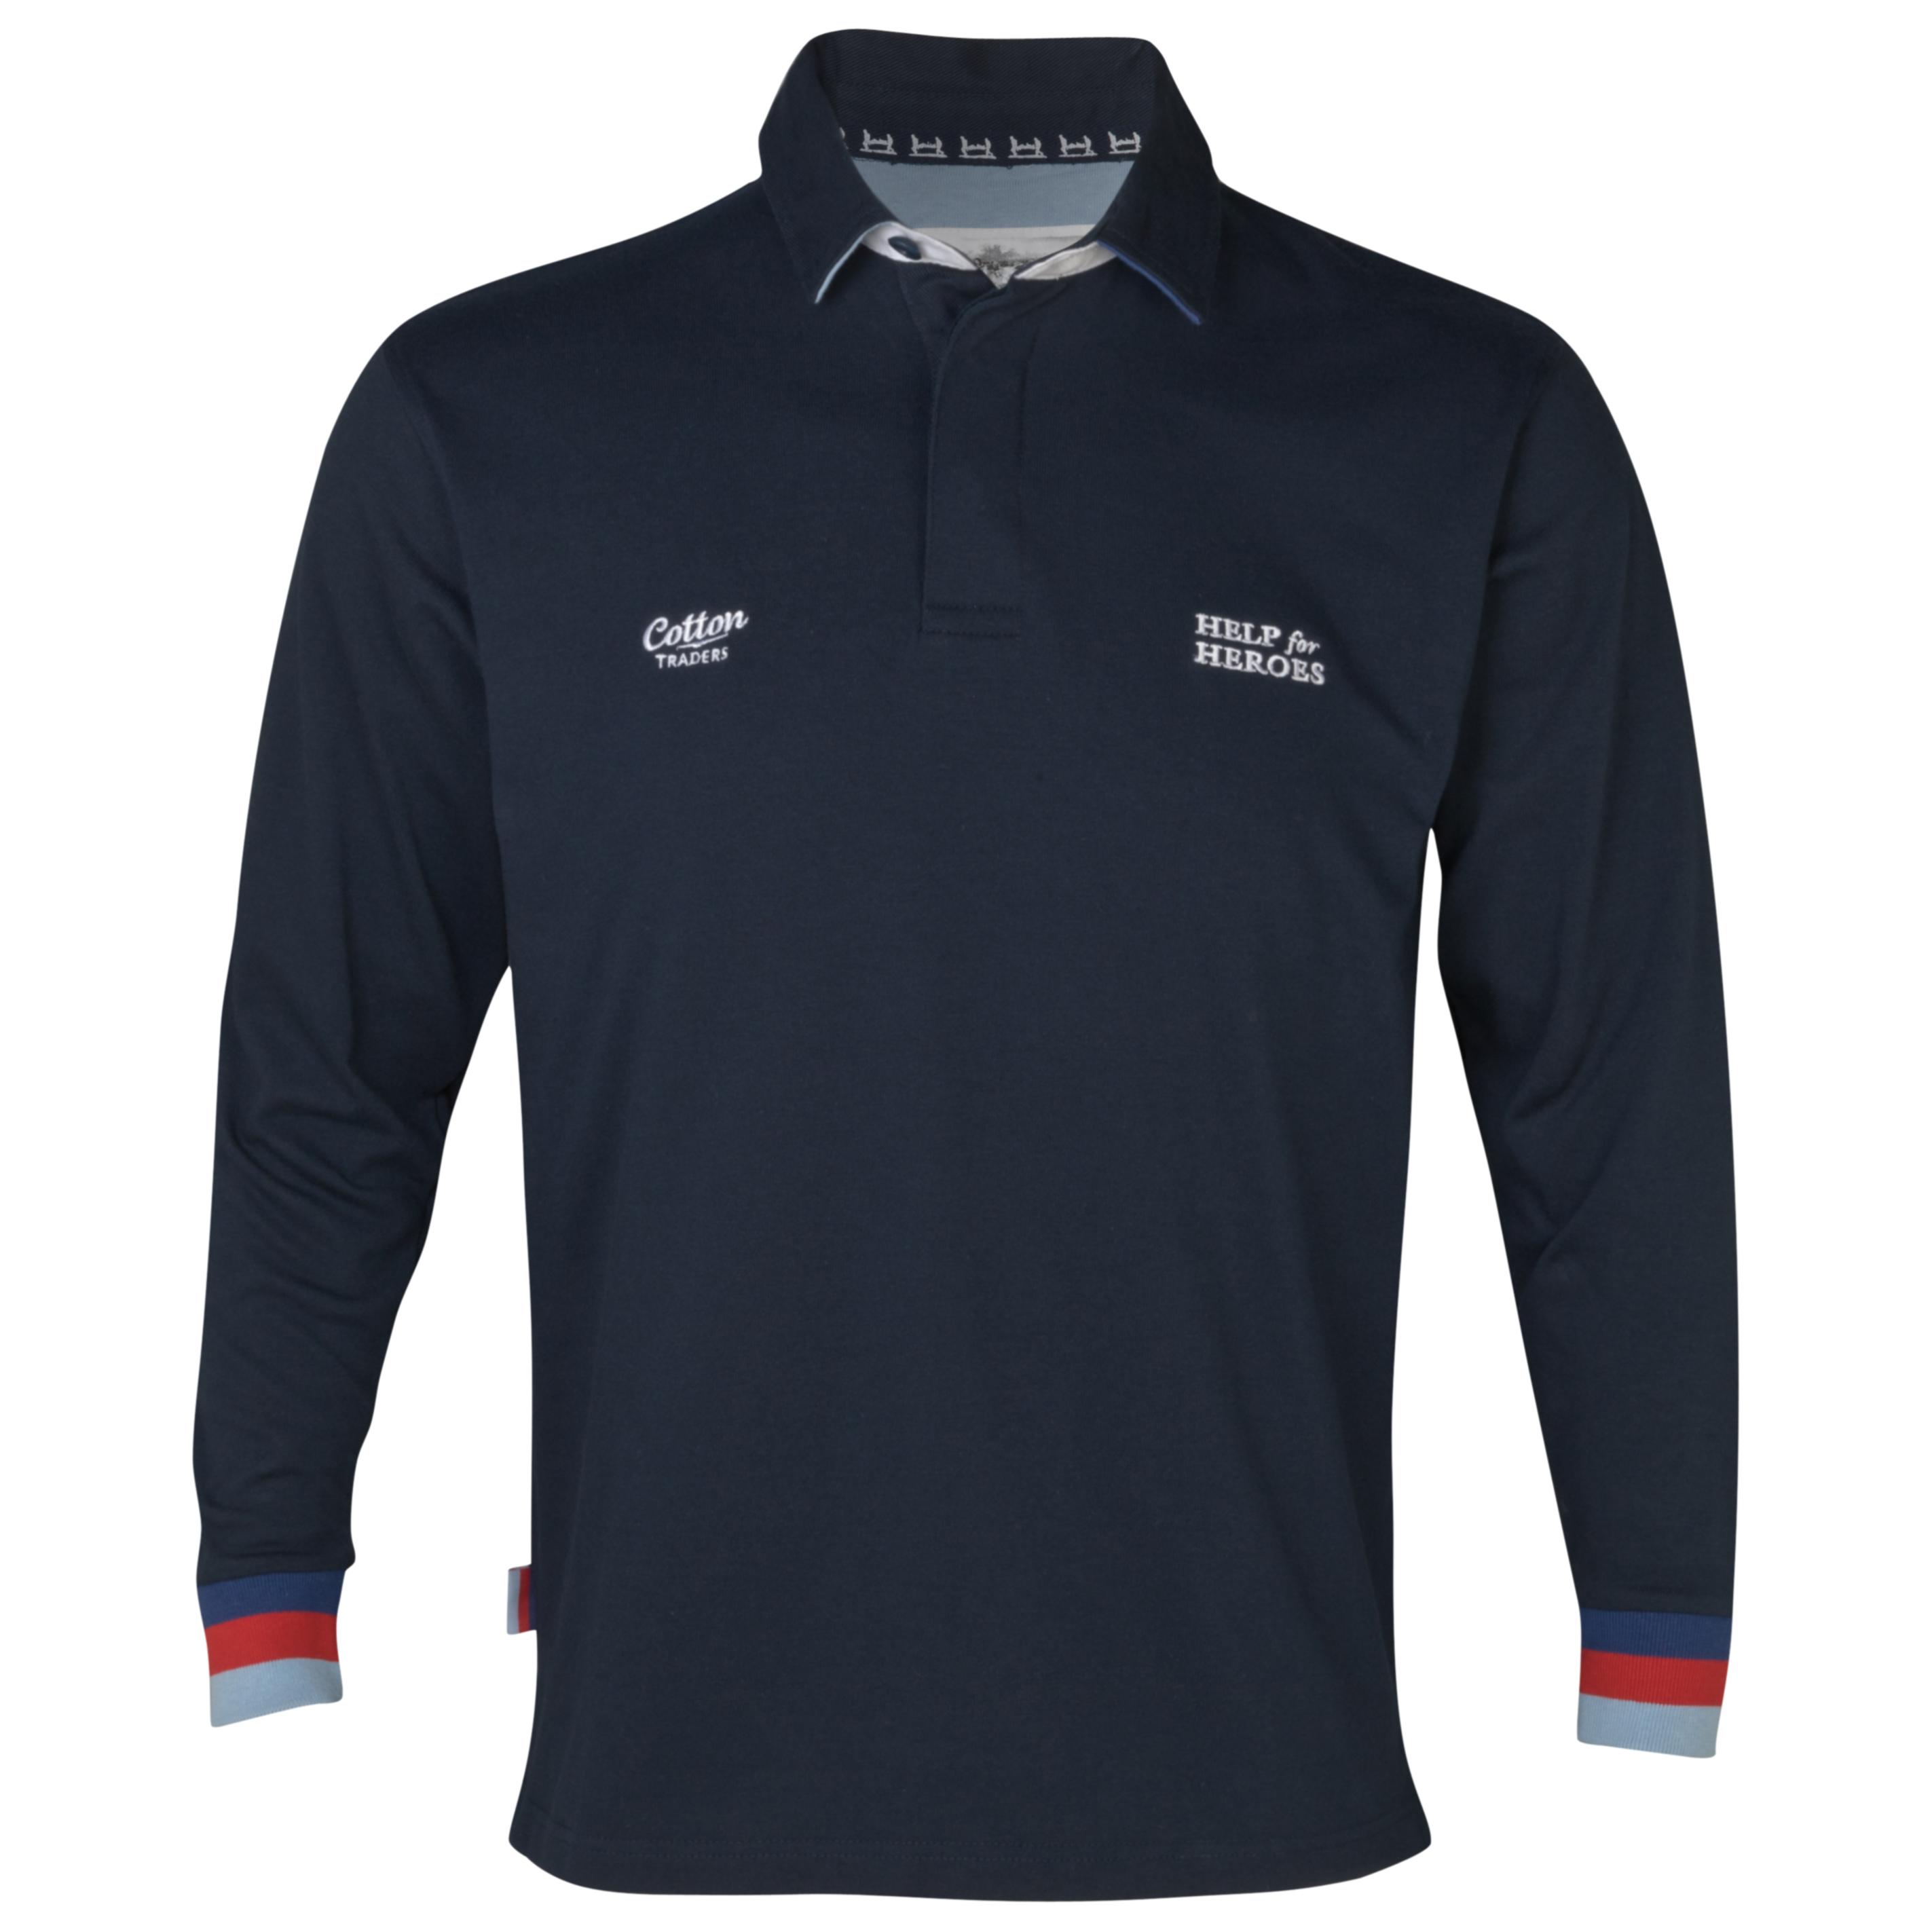 Rugby/Mens Sweatshirt